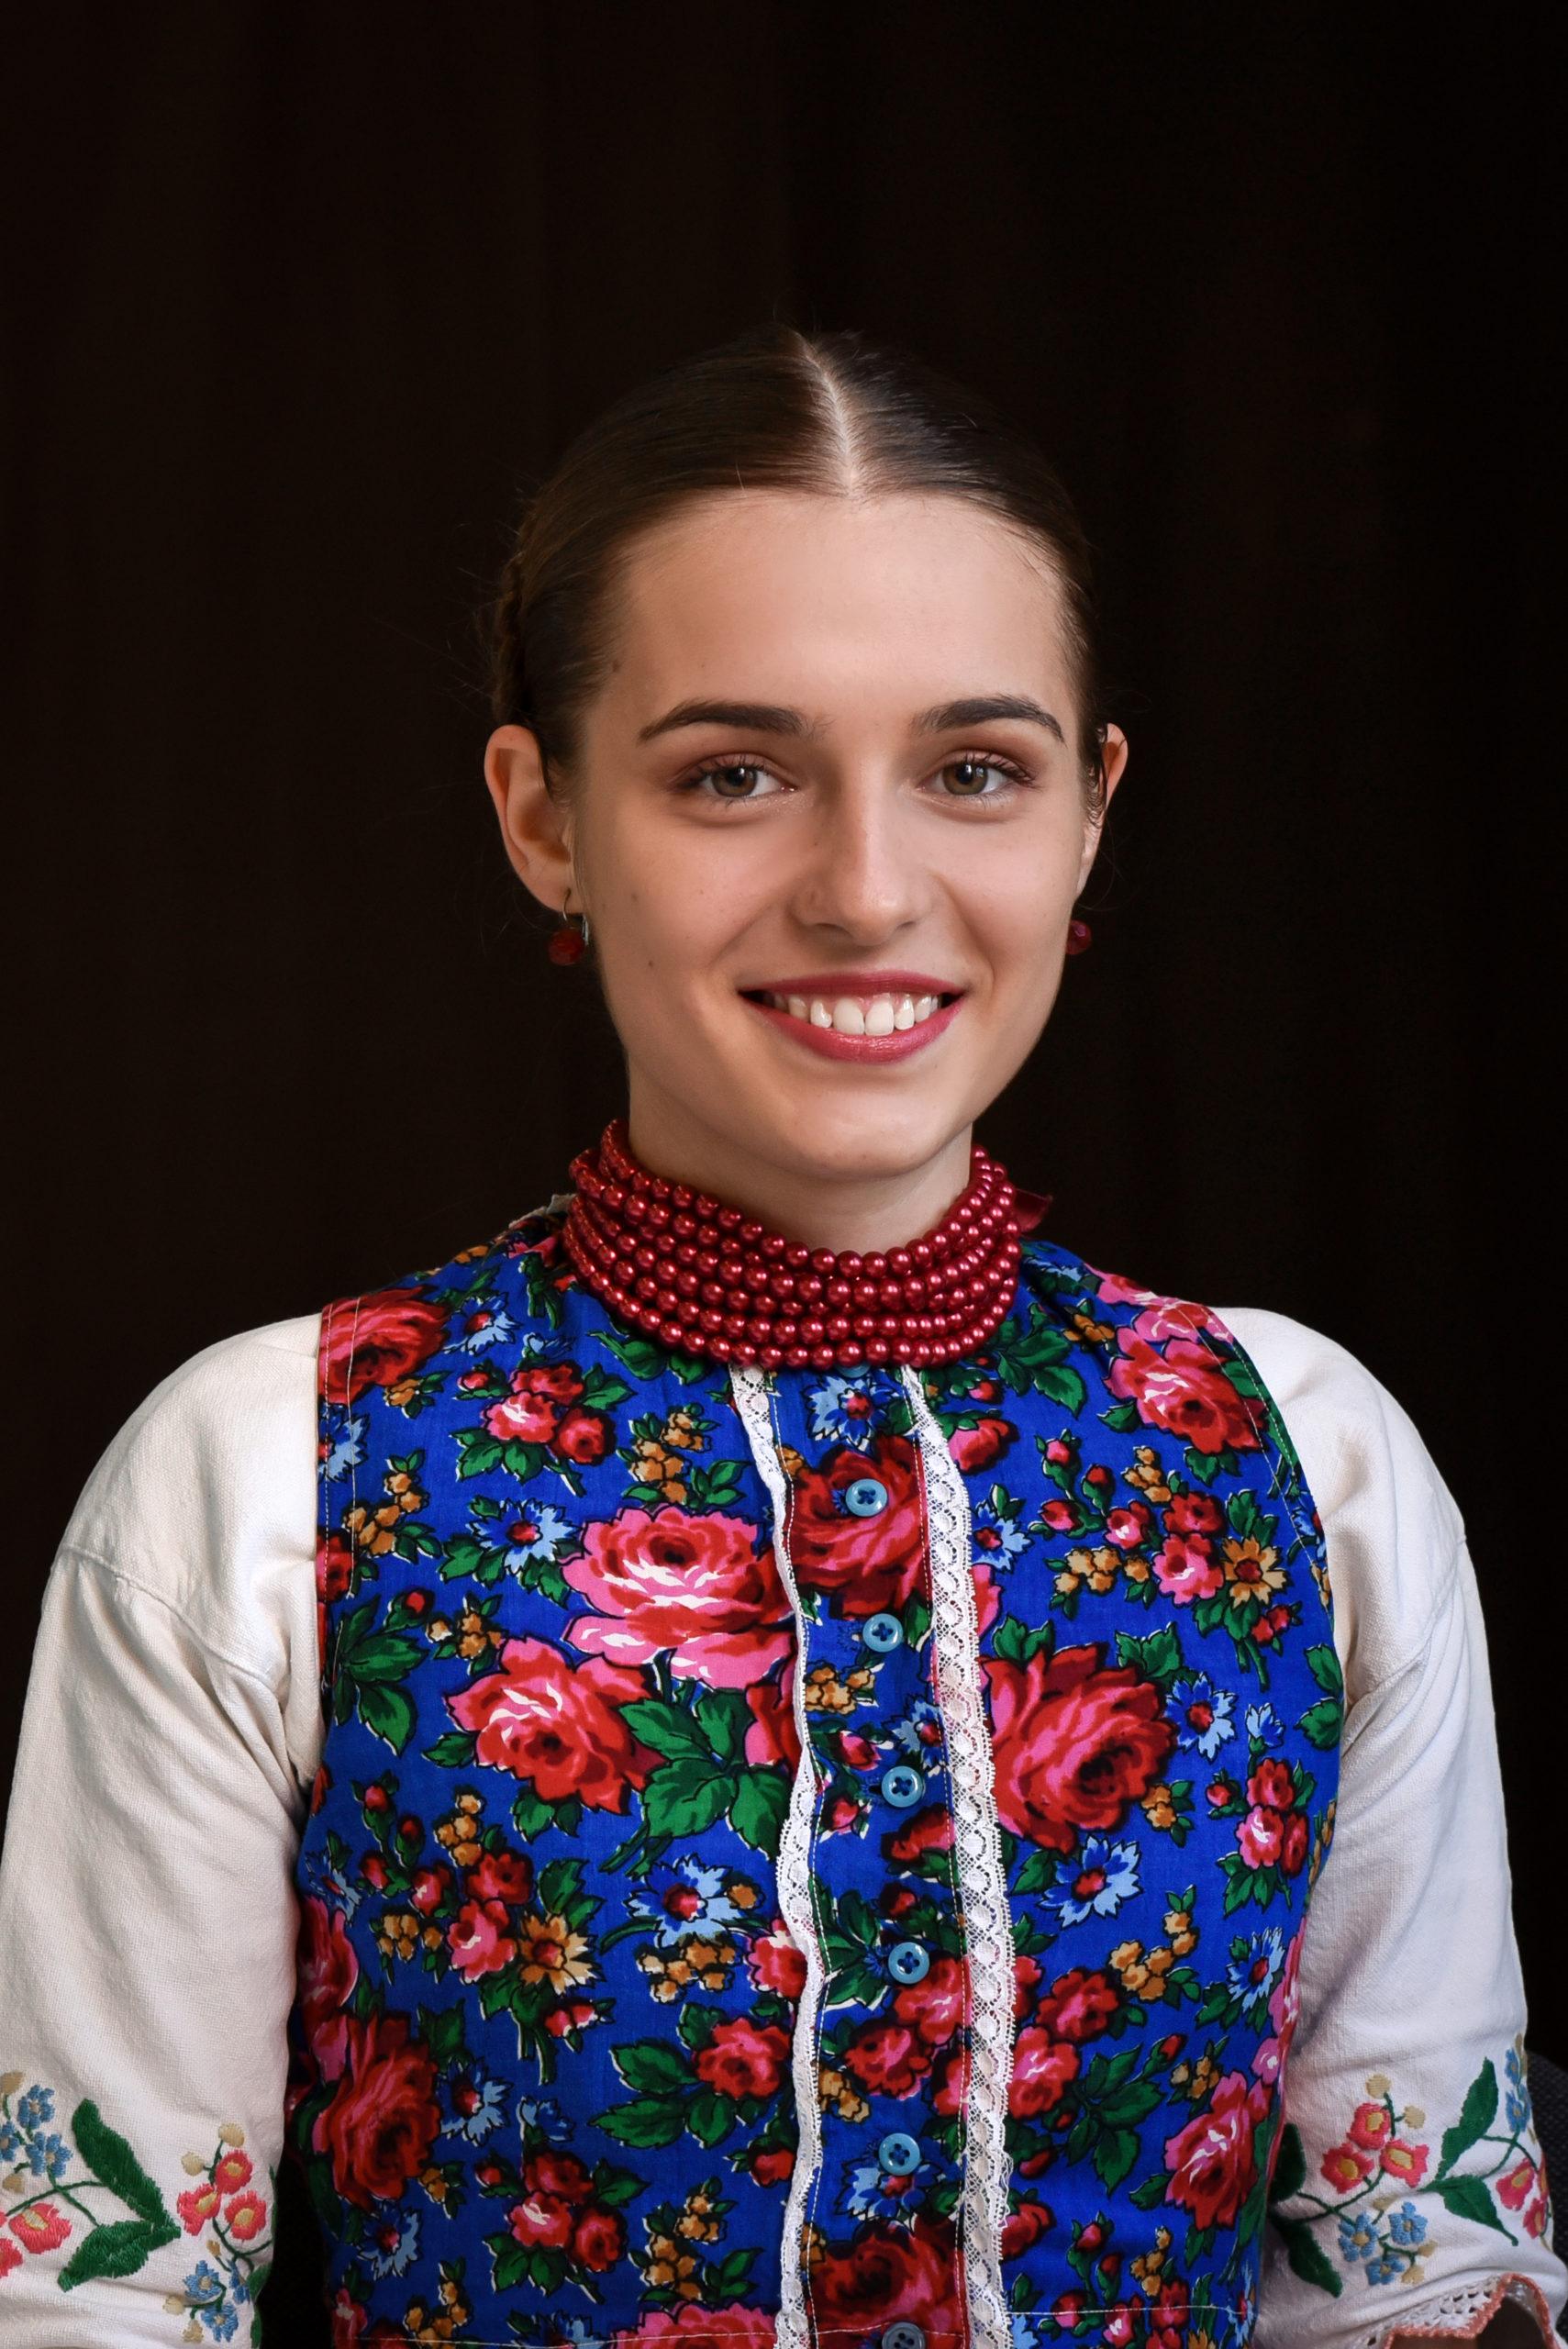 Gulya Liliána Luca